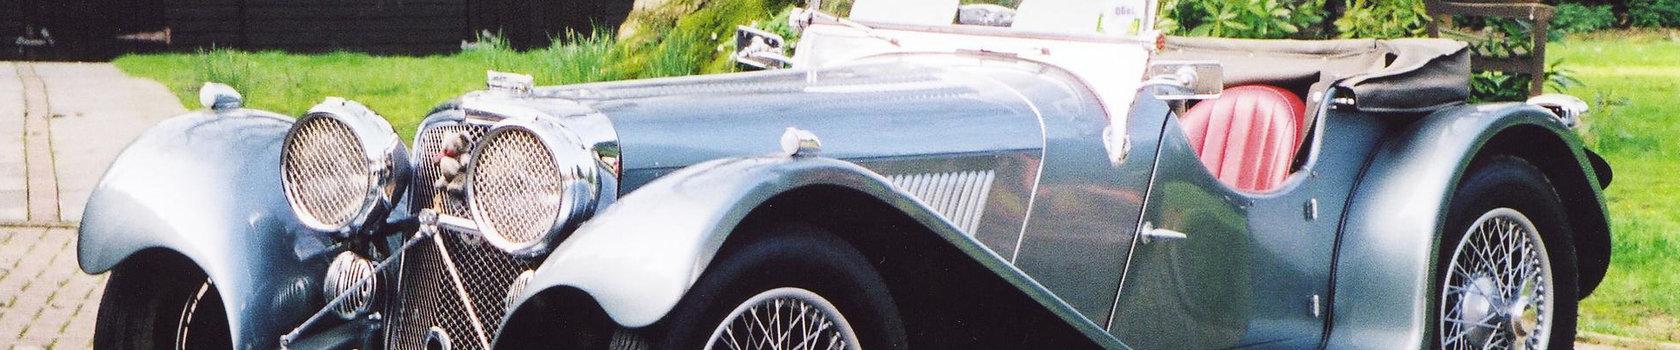 Ss Jaguar 100 Sports